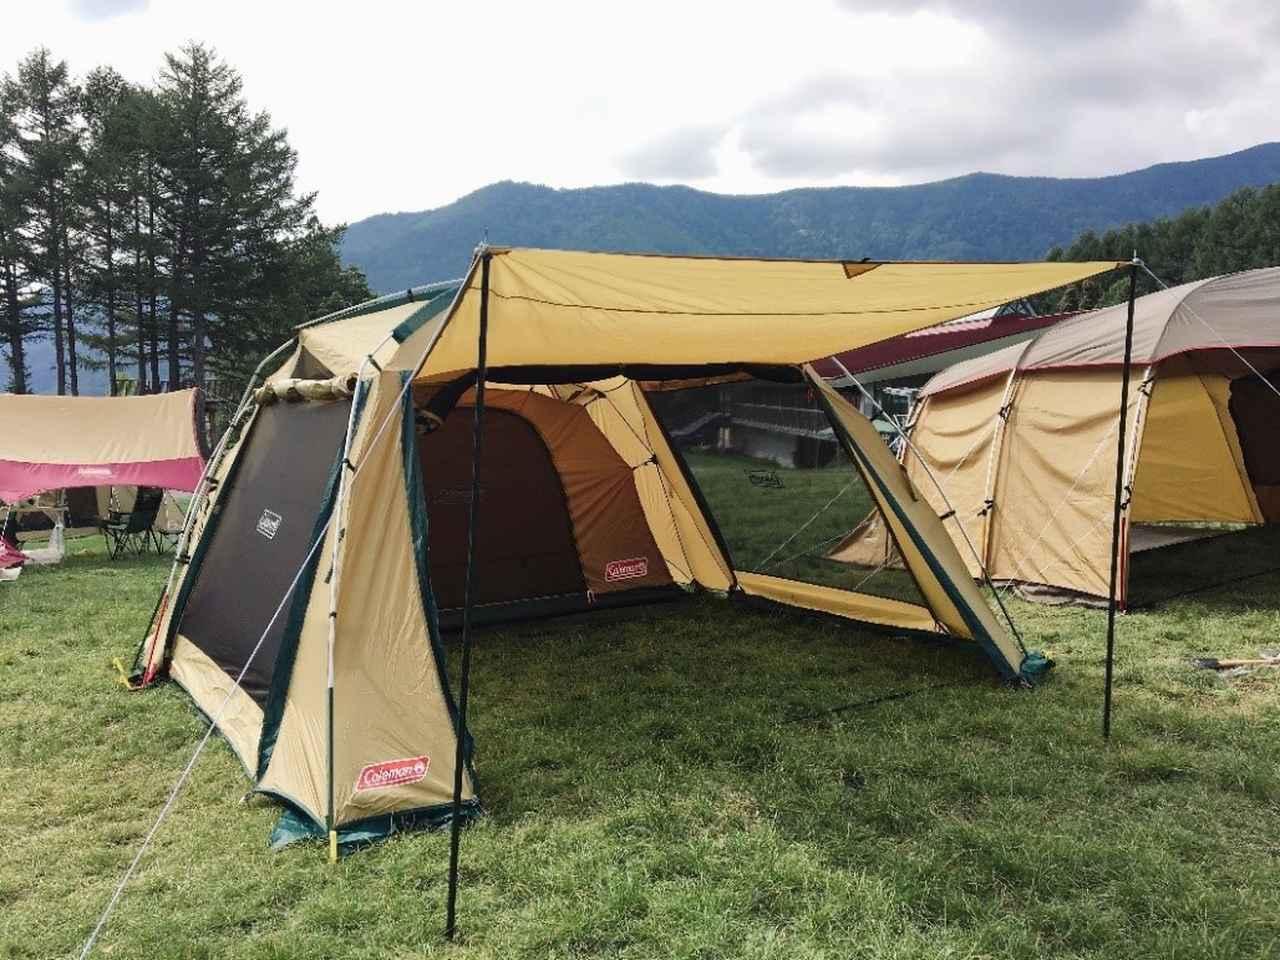 画像: 筆者撮影 ロッジドーム型(ツールーム型)テント (写真はコールマン タフスクリーン2ルームハウステント)